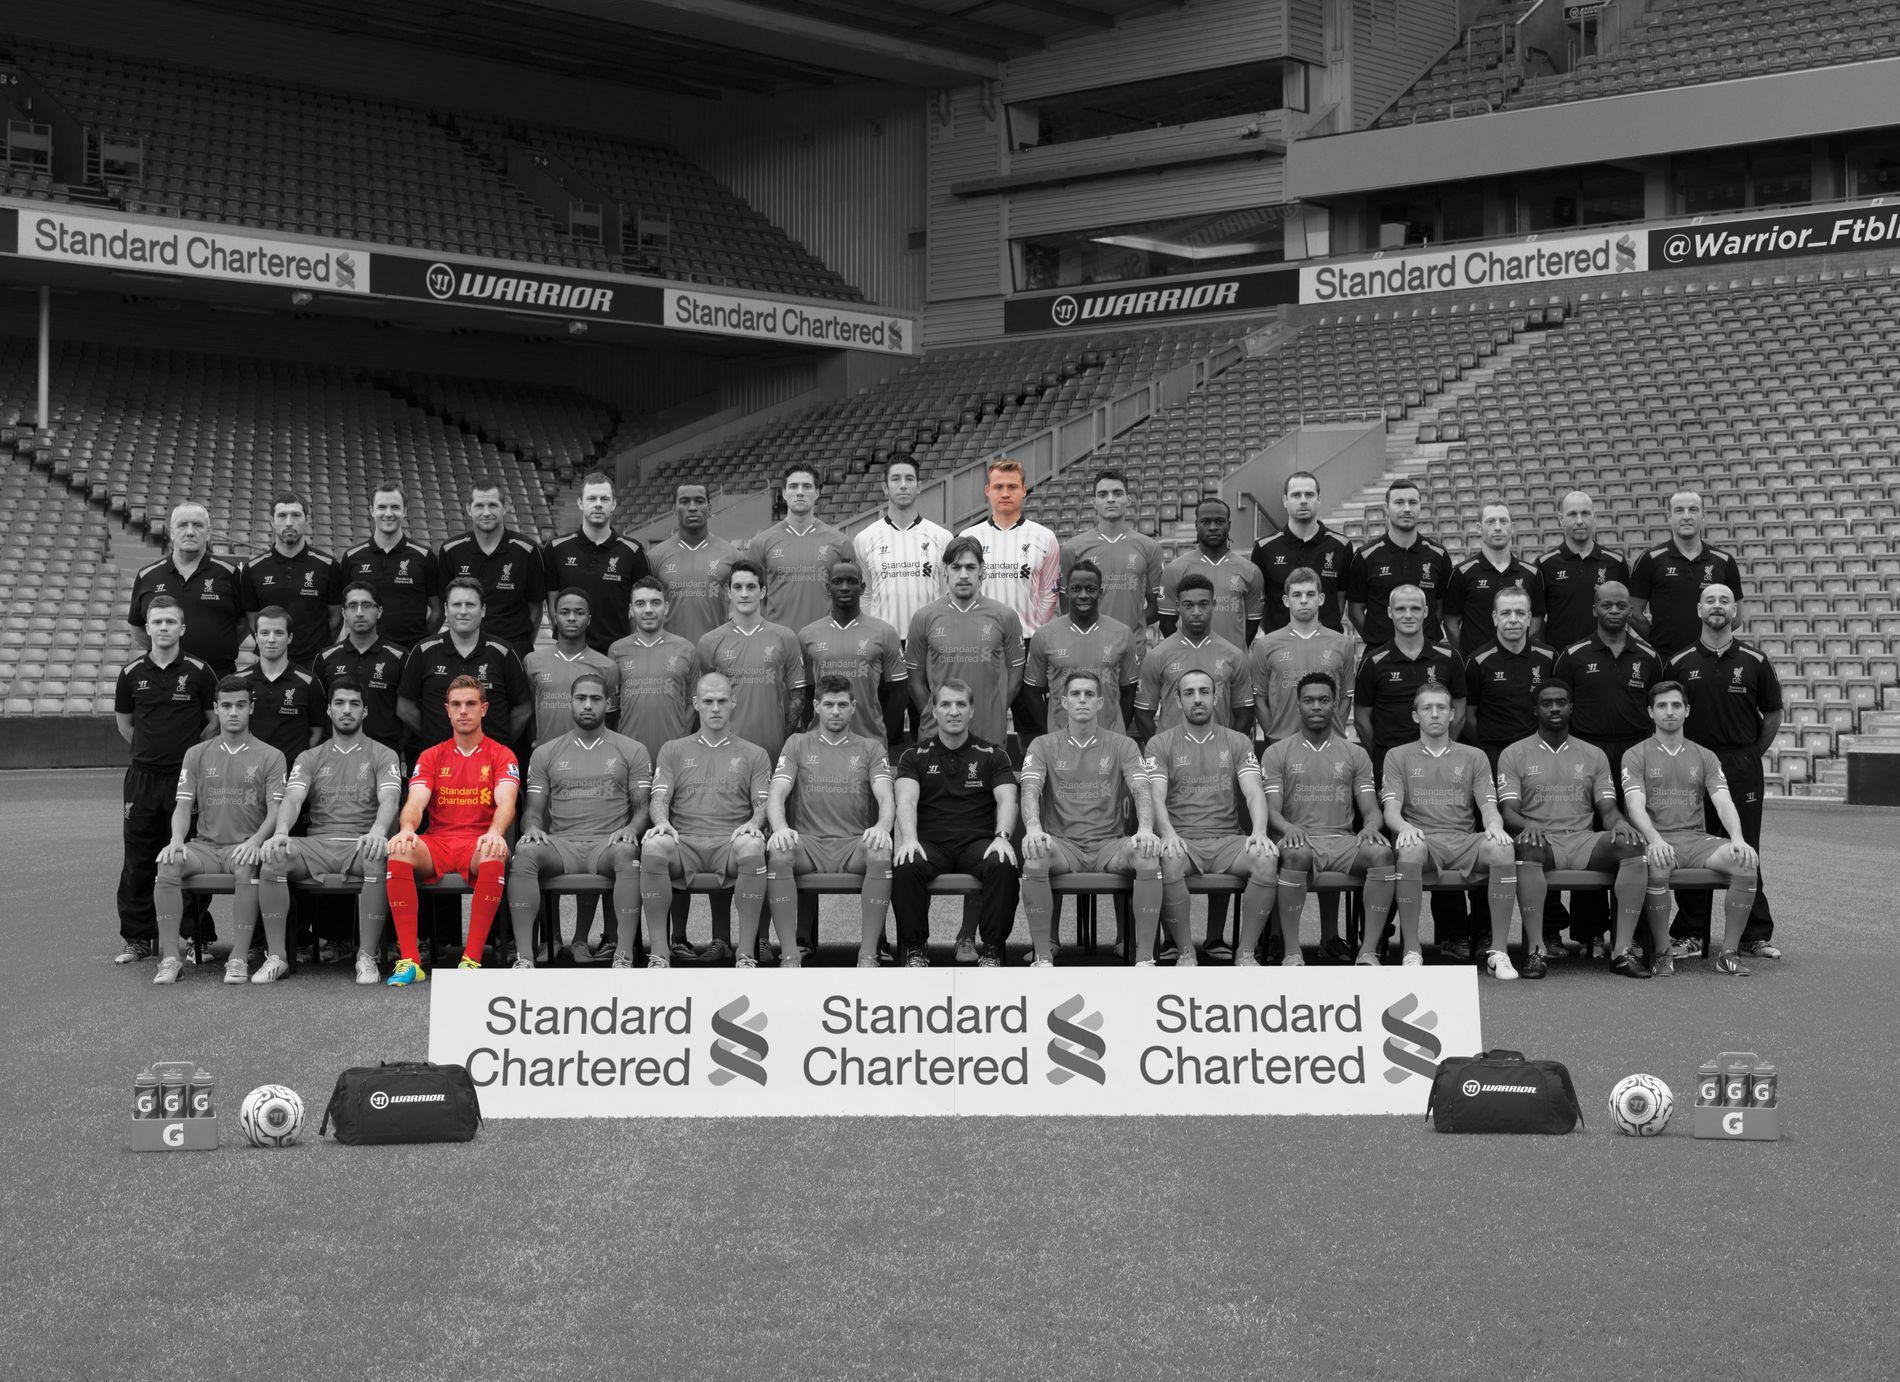 TROPPEN FRA 2013/14-SESONGEN: Bare Jordan Henderson og Simon Mignolet (i farger) er fortsatt i Liverpool-troppen i dag.